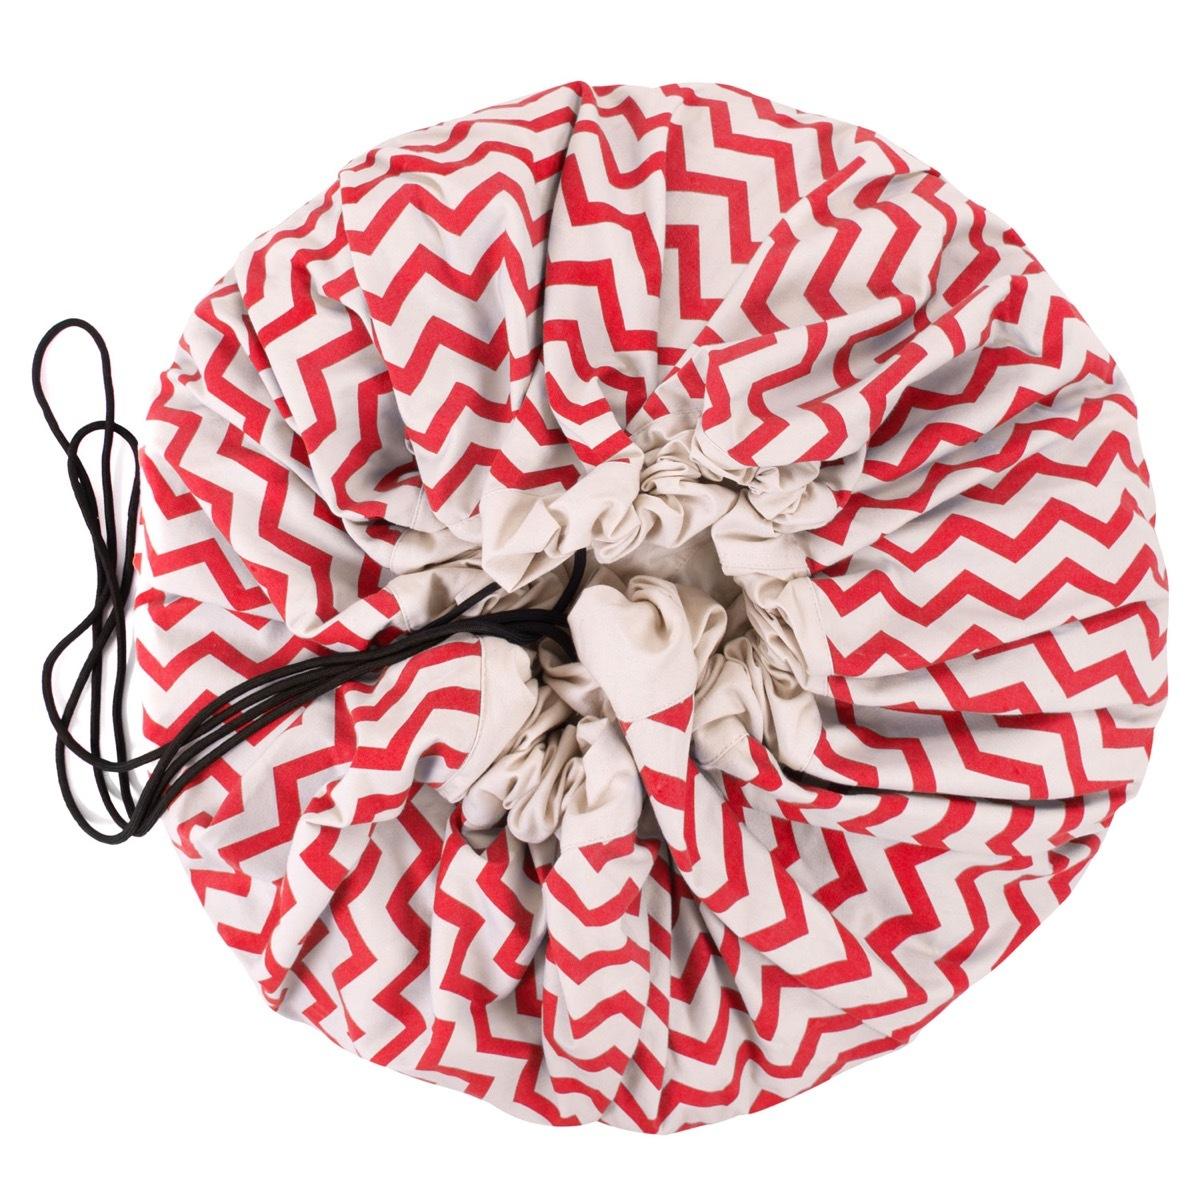 Коврик-мешок для игрушек Play&Go. Коллекция Print. Красный зигзаг